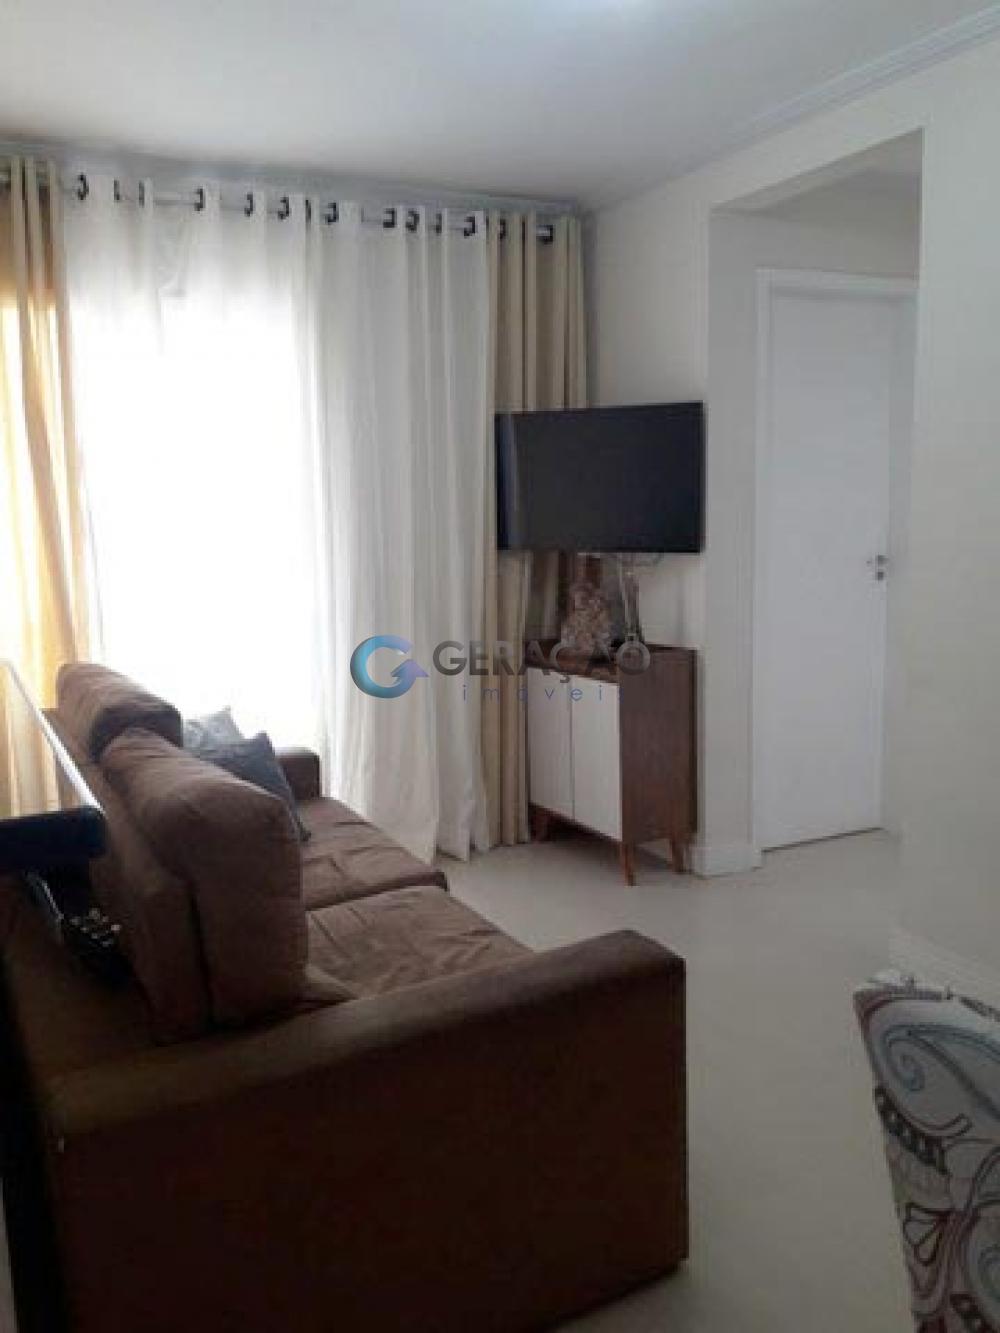 Comprar Apartamento / Padrão em São José dos Campos R$ 187.000,00 - Foto 2